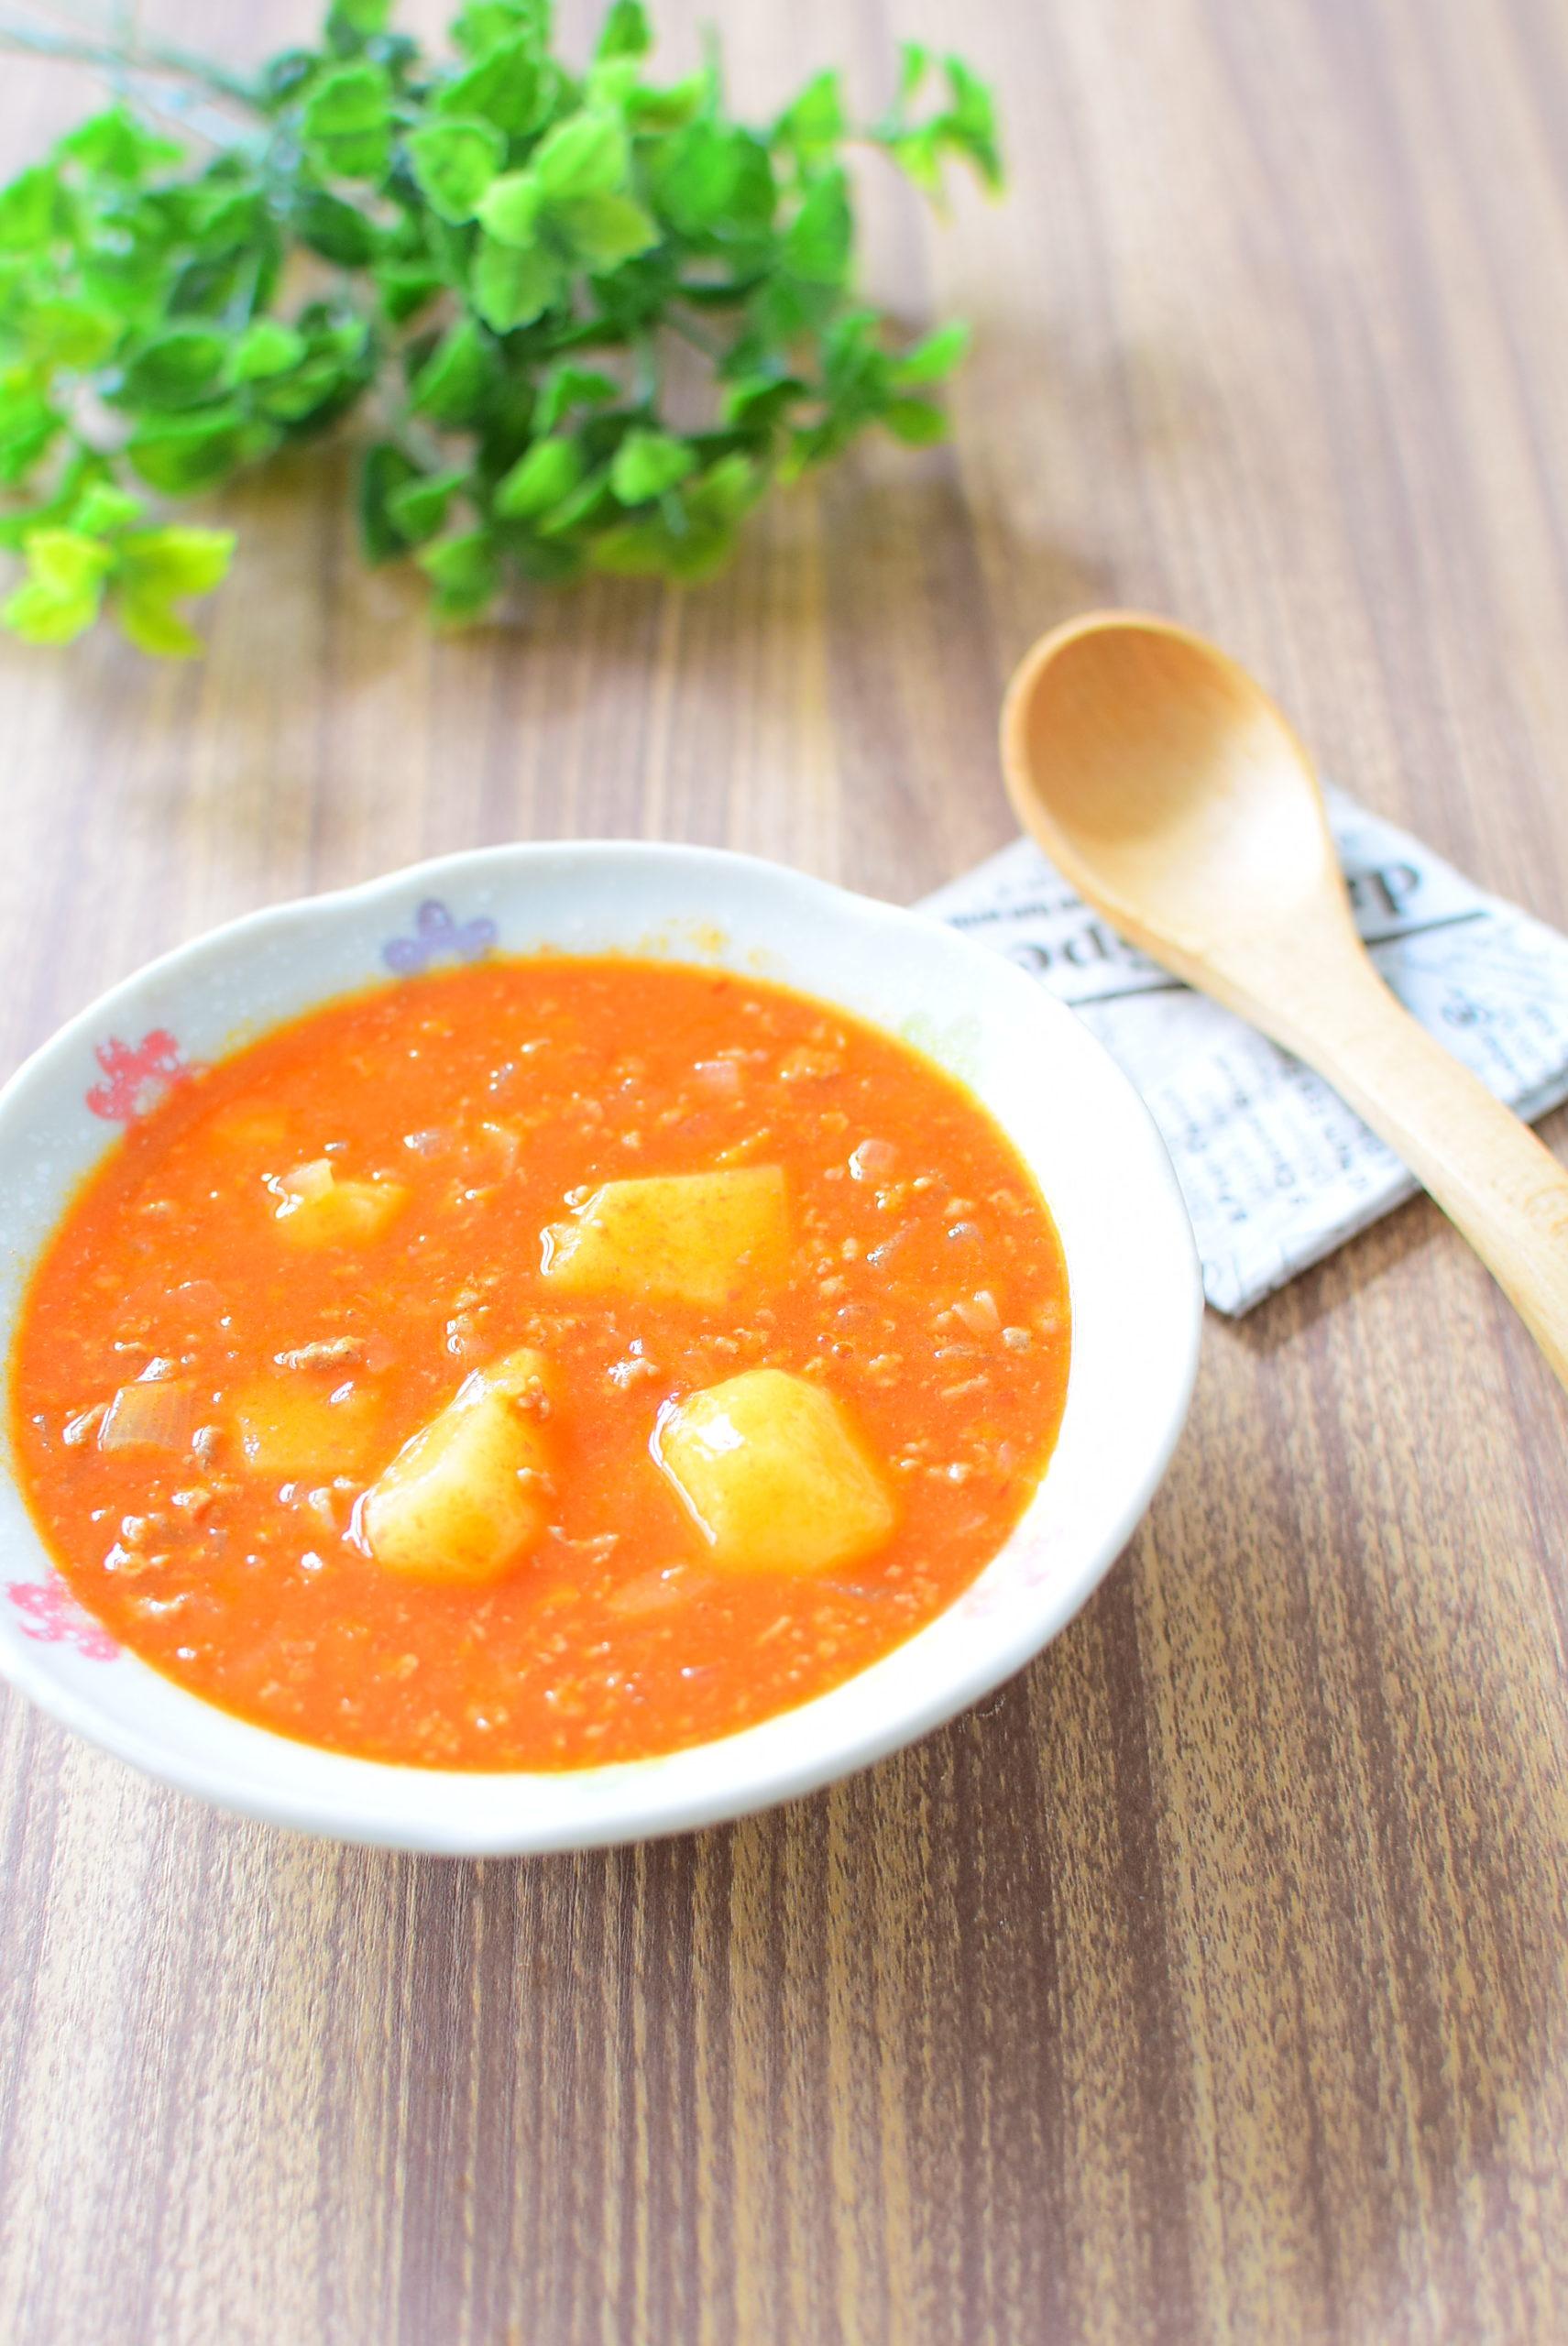 ミートソースのリメイク!ピリ辛じゃがいもスープのレシピの写真